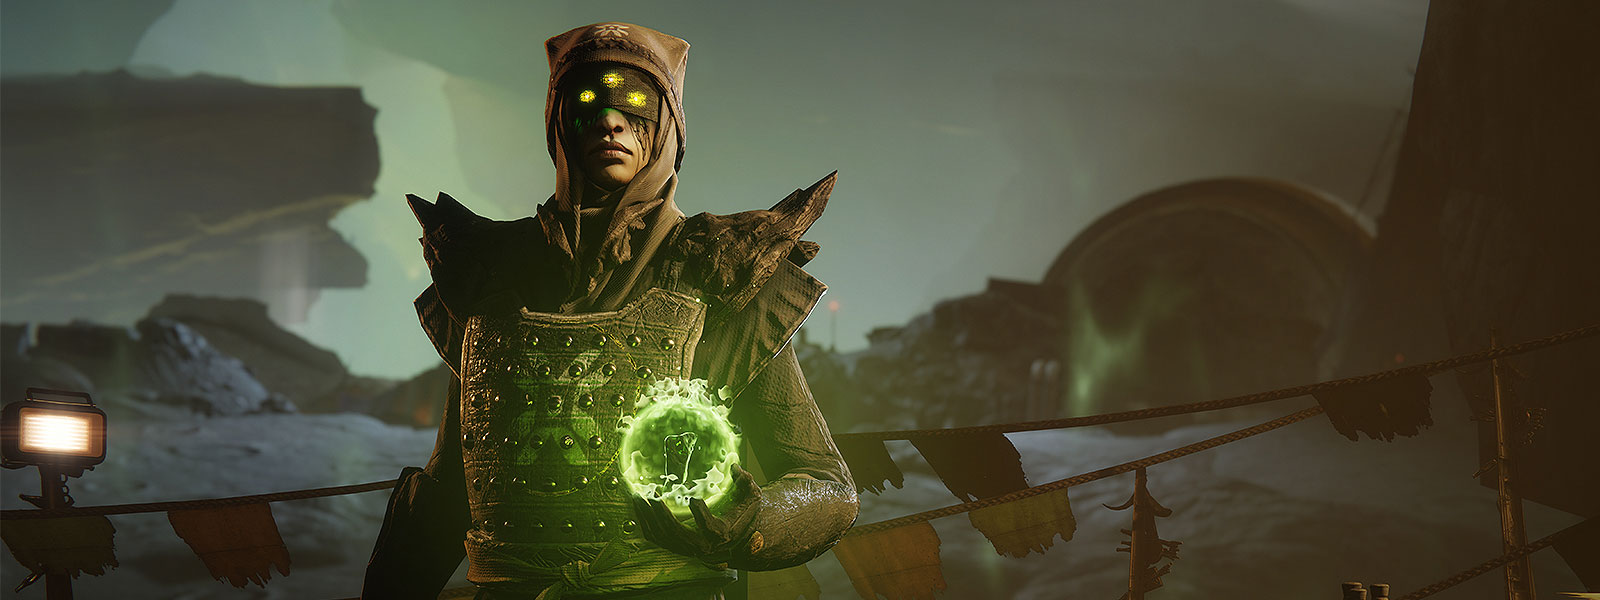 緑のオーブを持つキャラクターのエリス